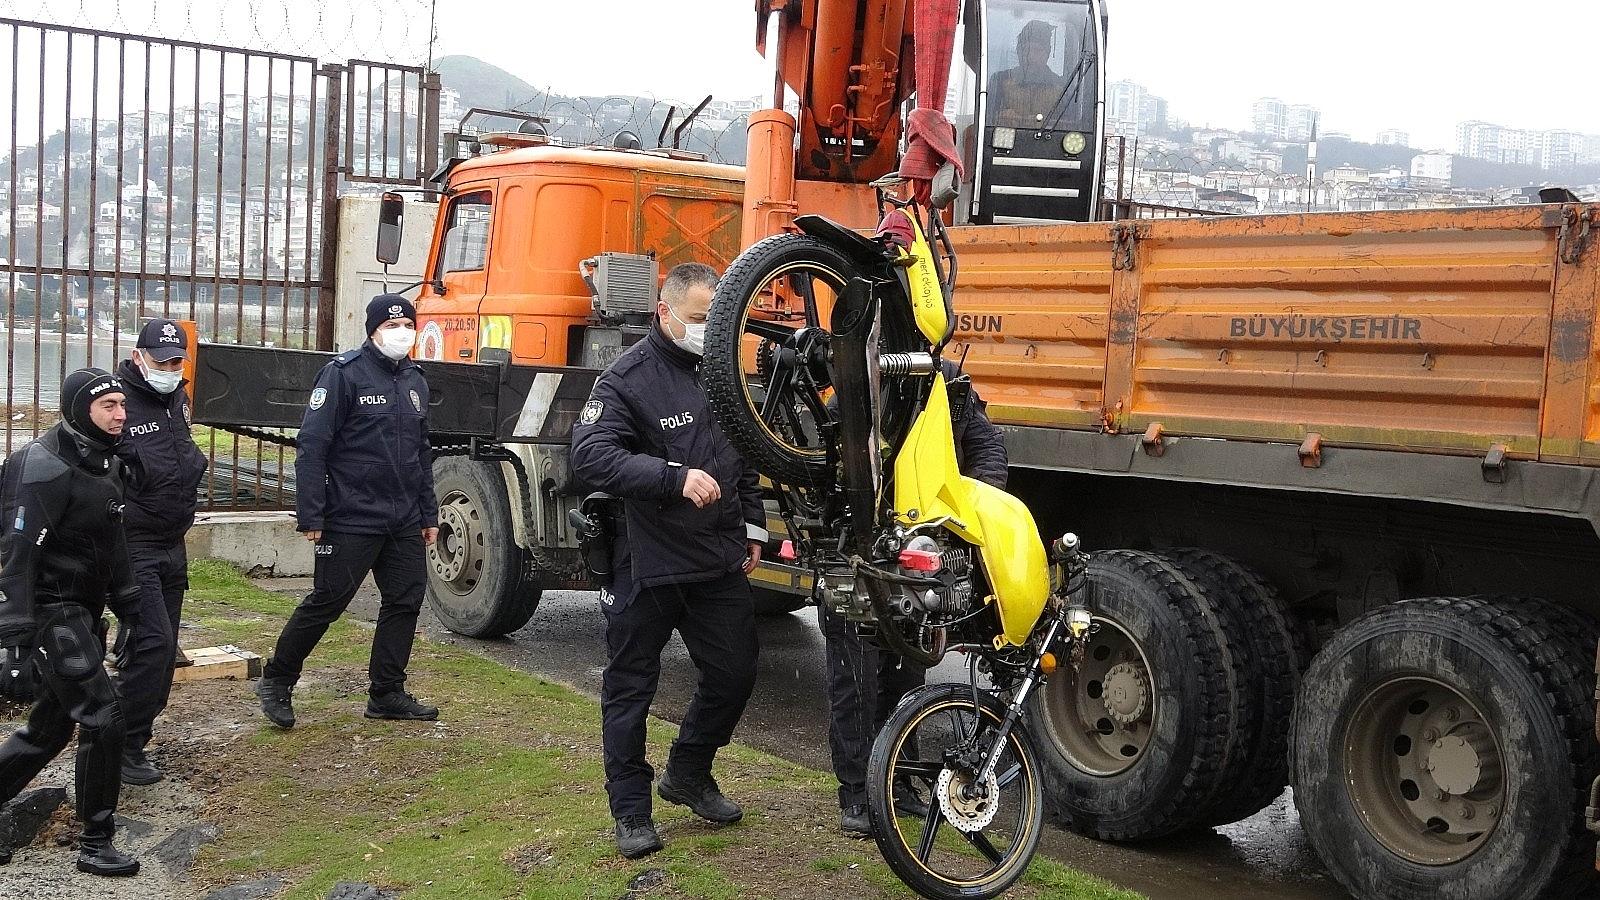 2021/04/samsunda-denizin-icinde-motosiklet-bulundu-20210402AW28-6.jpg